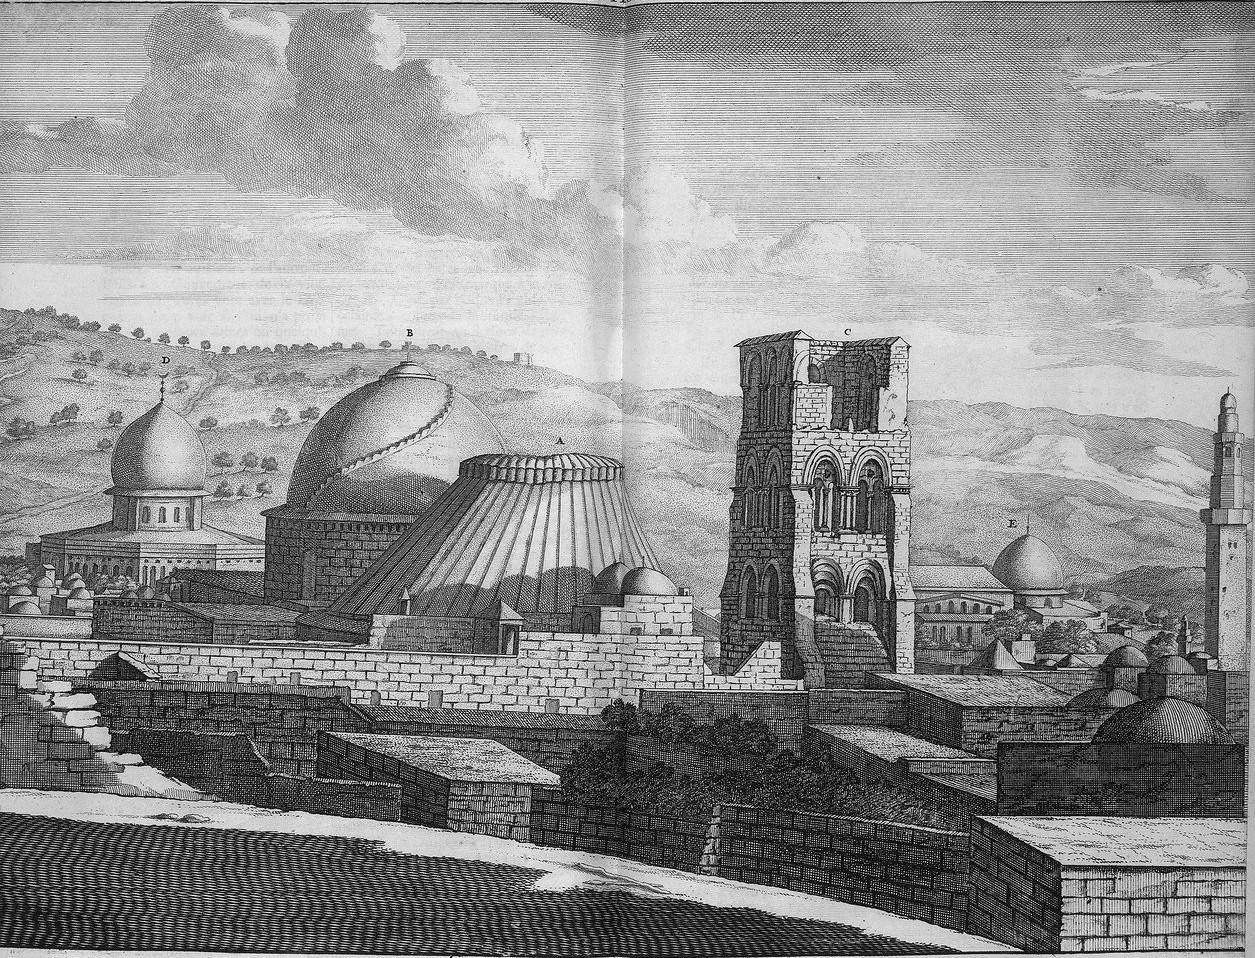 Путешествие из Рамы в Иерусалим. Вид Иерусалима и храма Гроба Господня